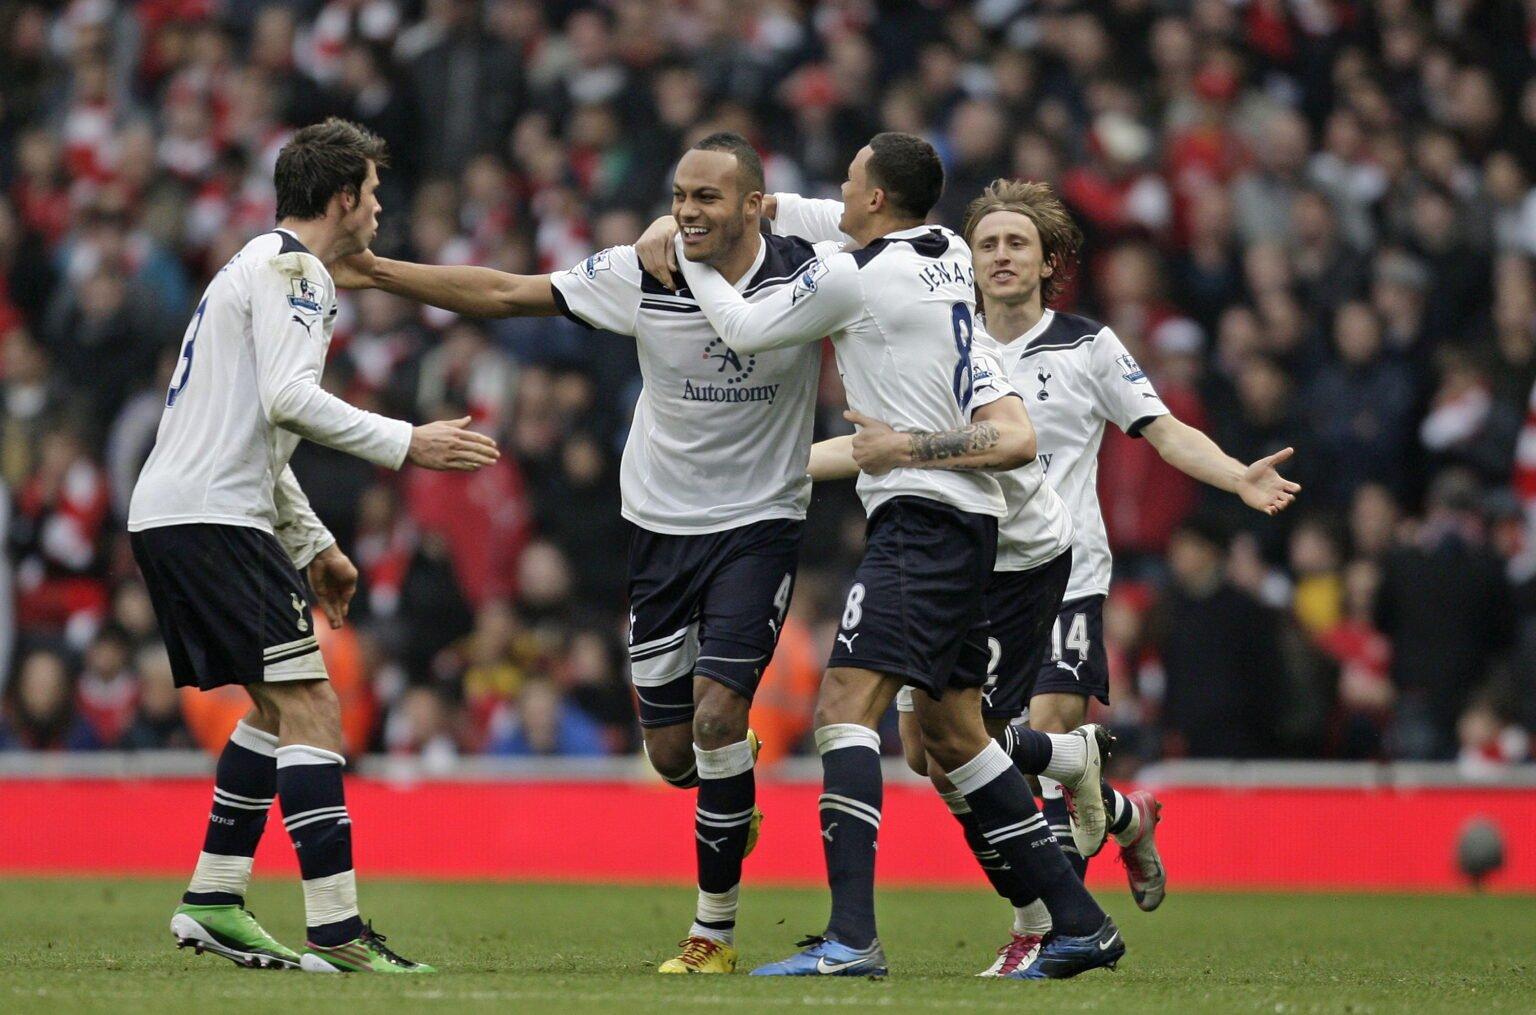 Cú đánh đầu thành bàn của Younes Kaboul giúp Spurs có được chiến thắng duy nhất tại Emirates trong suốt 26 năm qua